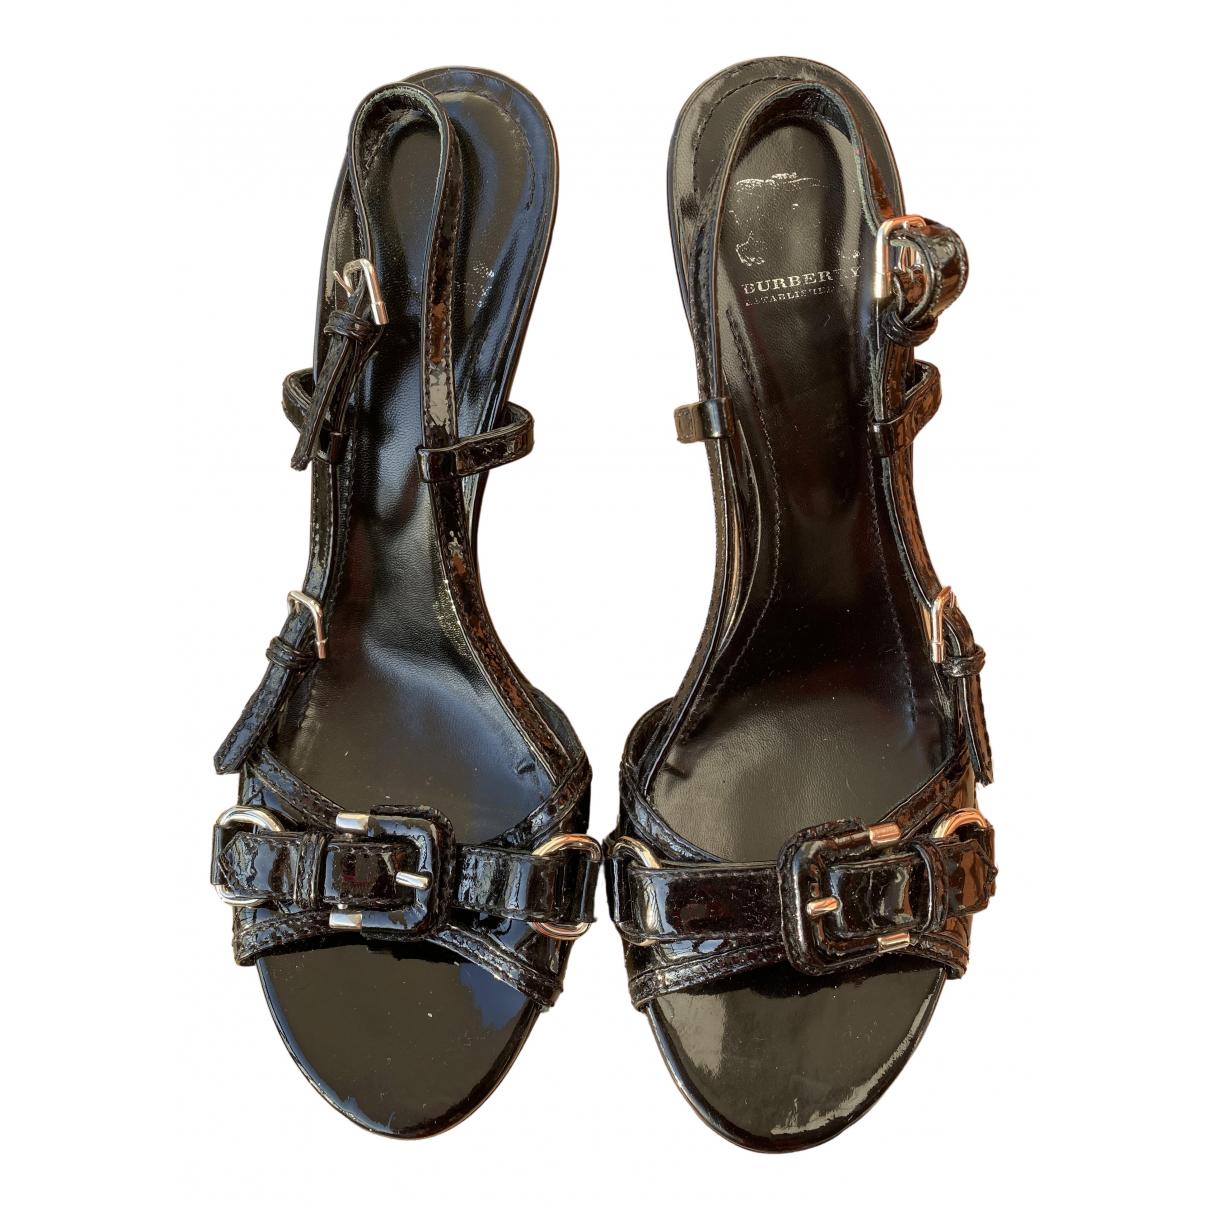 Sandalias de Charol Burberry